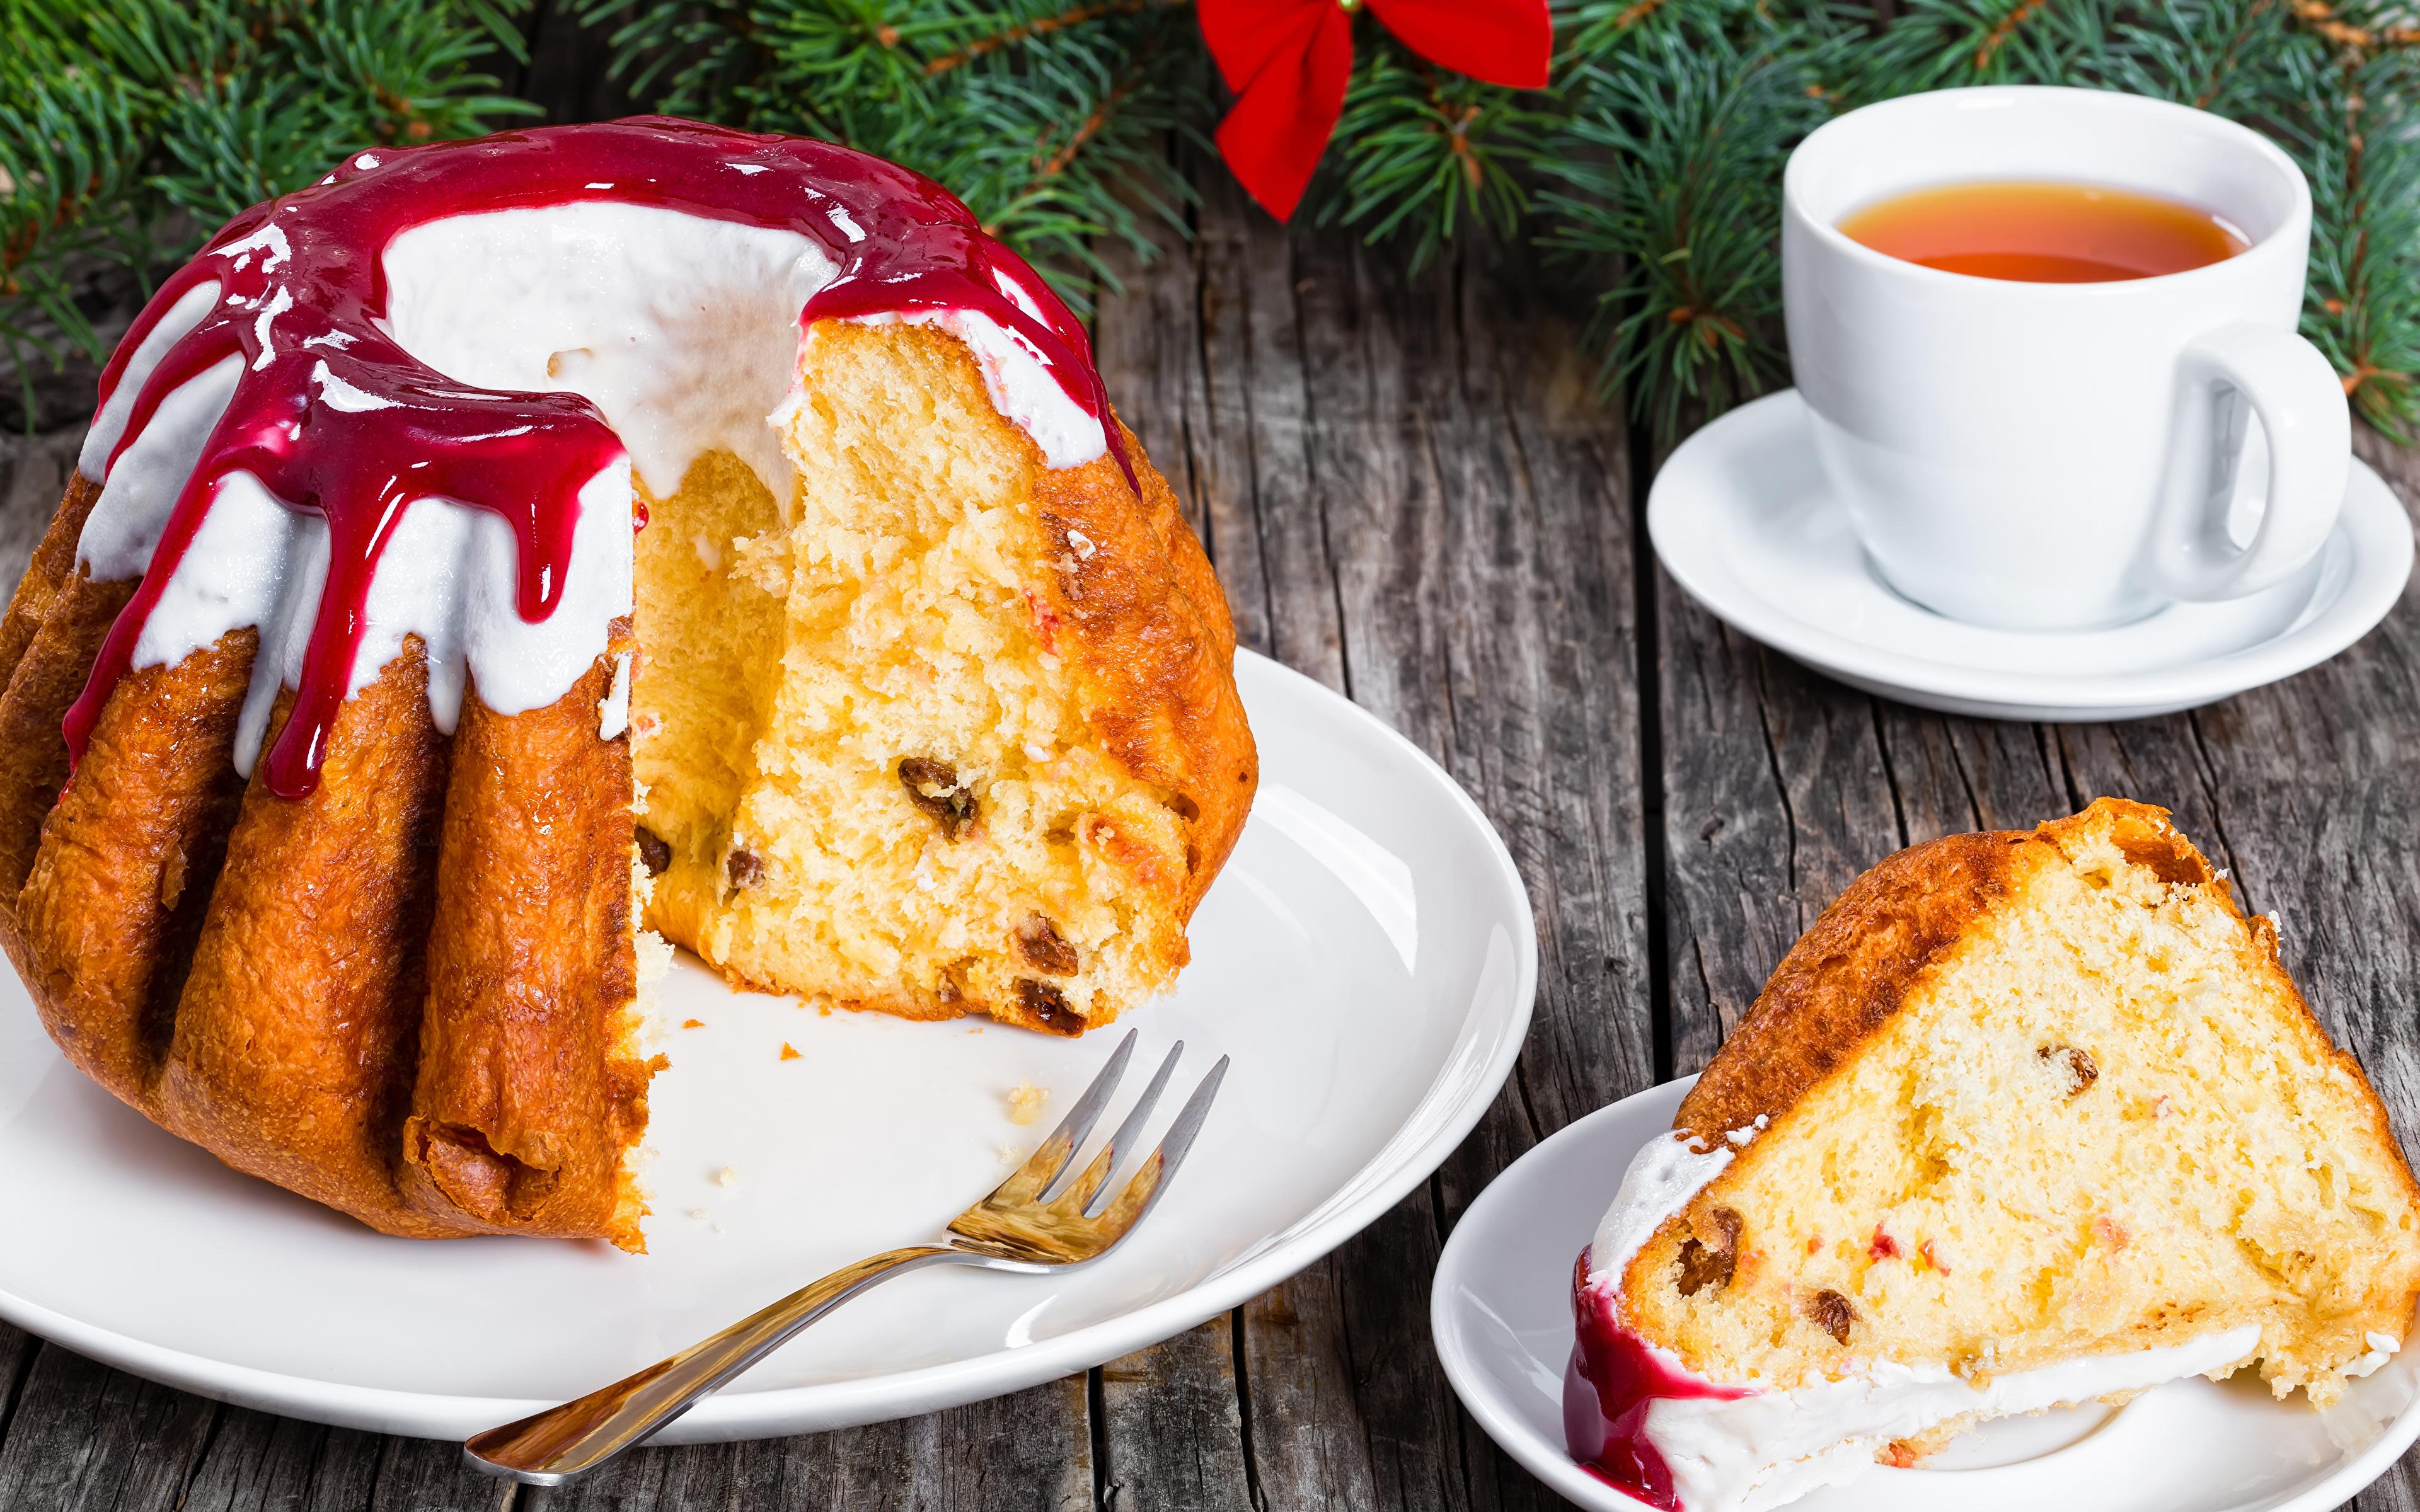 Обои для рабочего стола Рождество Чай джем Кекс Кусок Еда Чашка Выпечка 3840x2400 Новый год Варенье Повидло часть кусочки кусочек Пища чашке Продукты питания